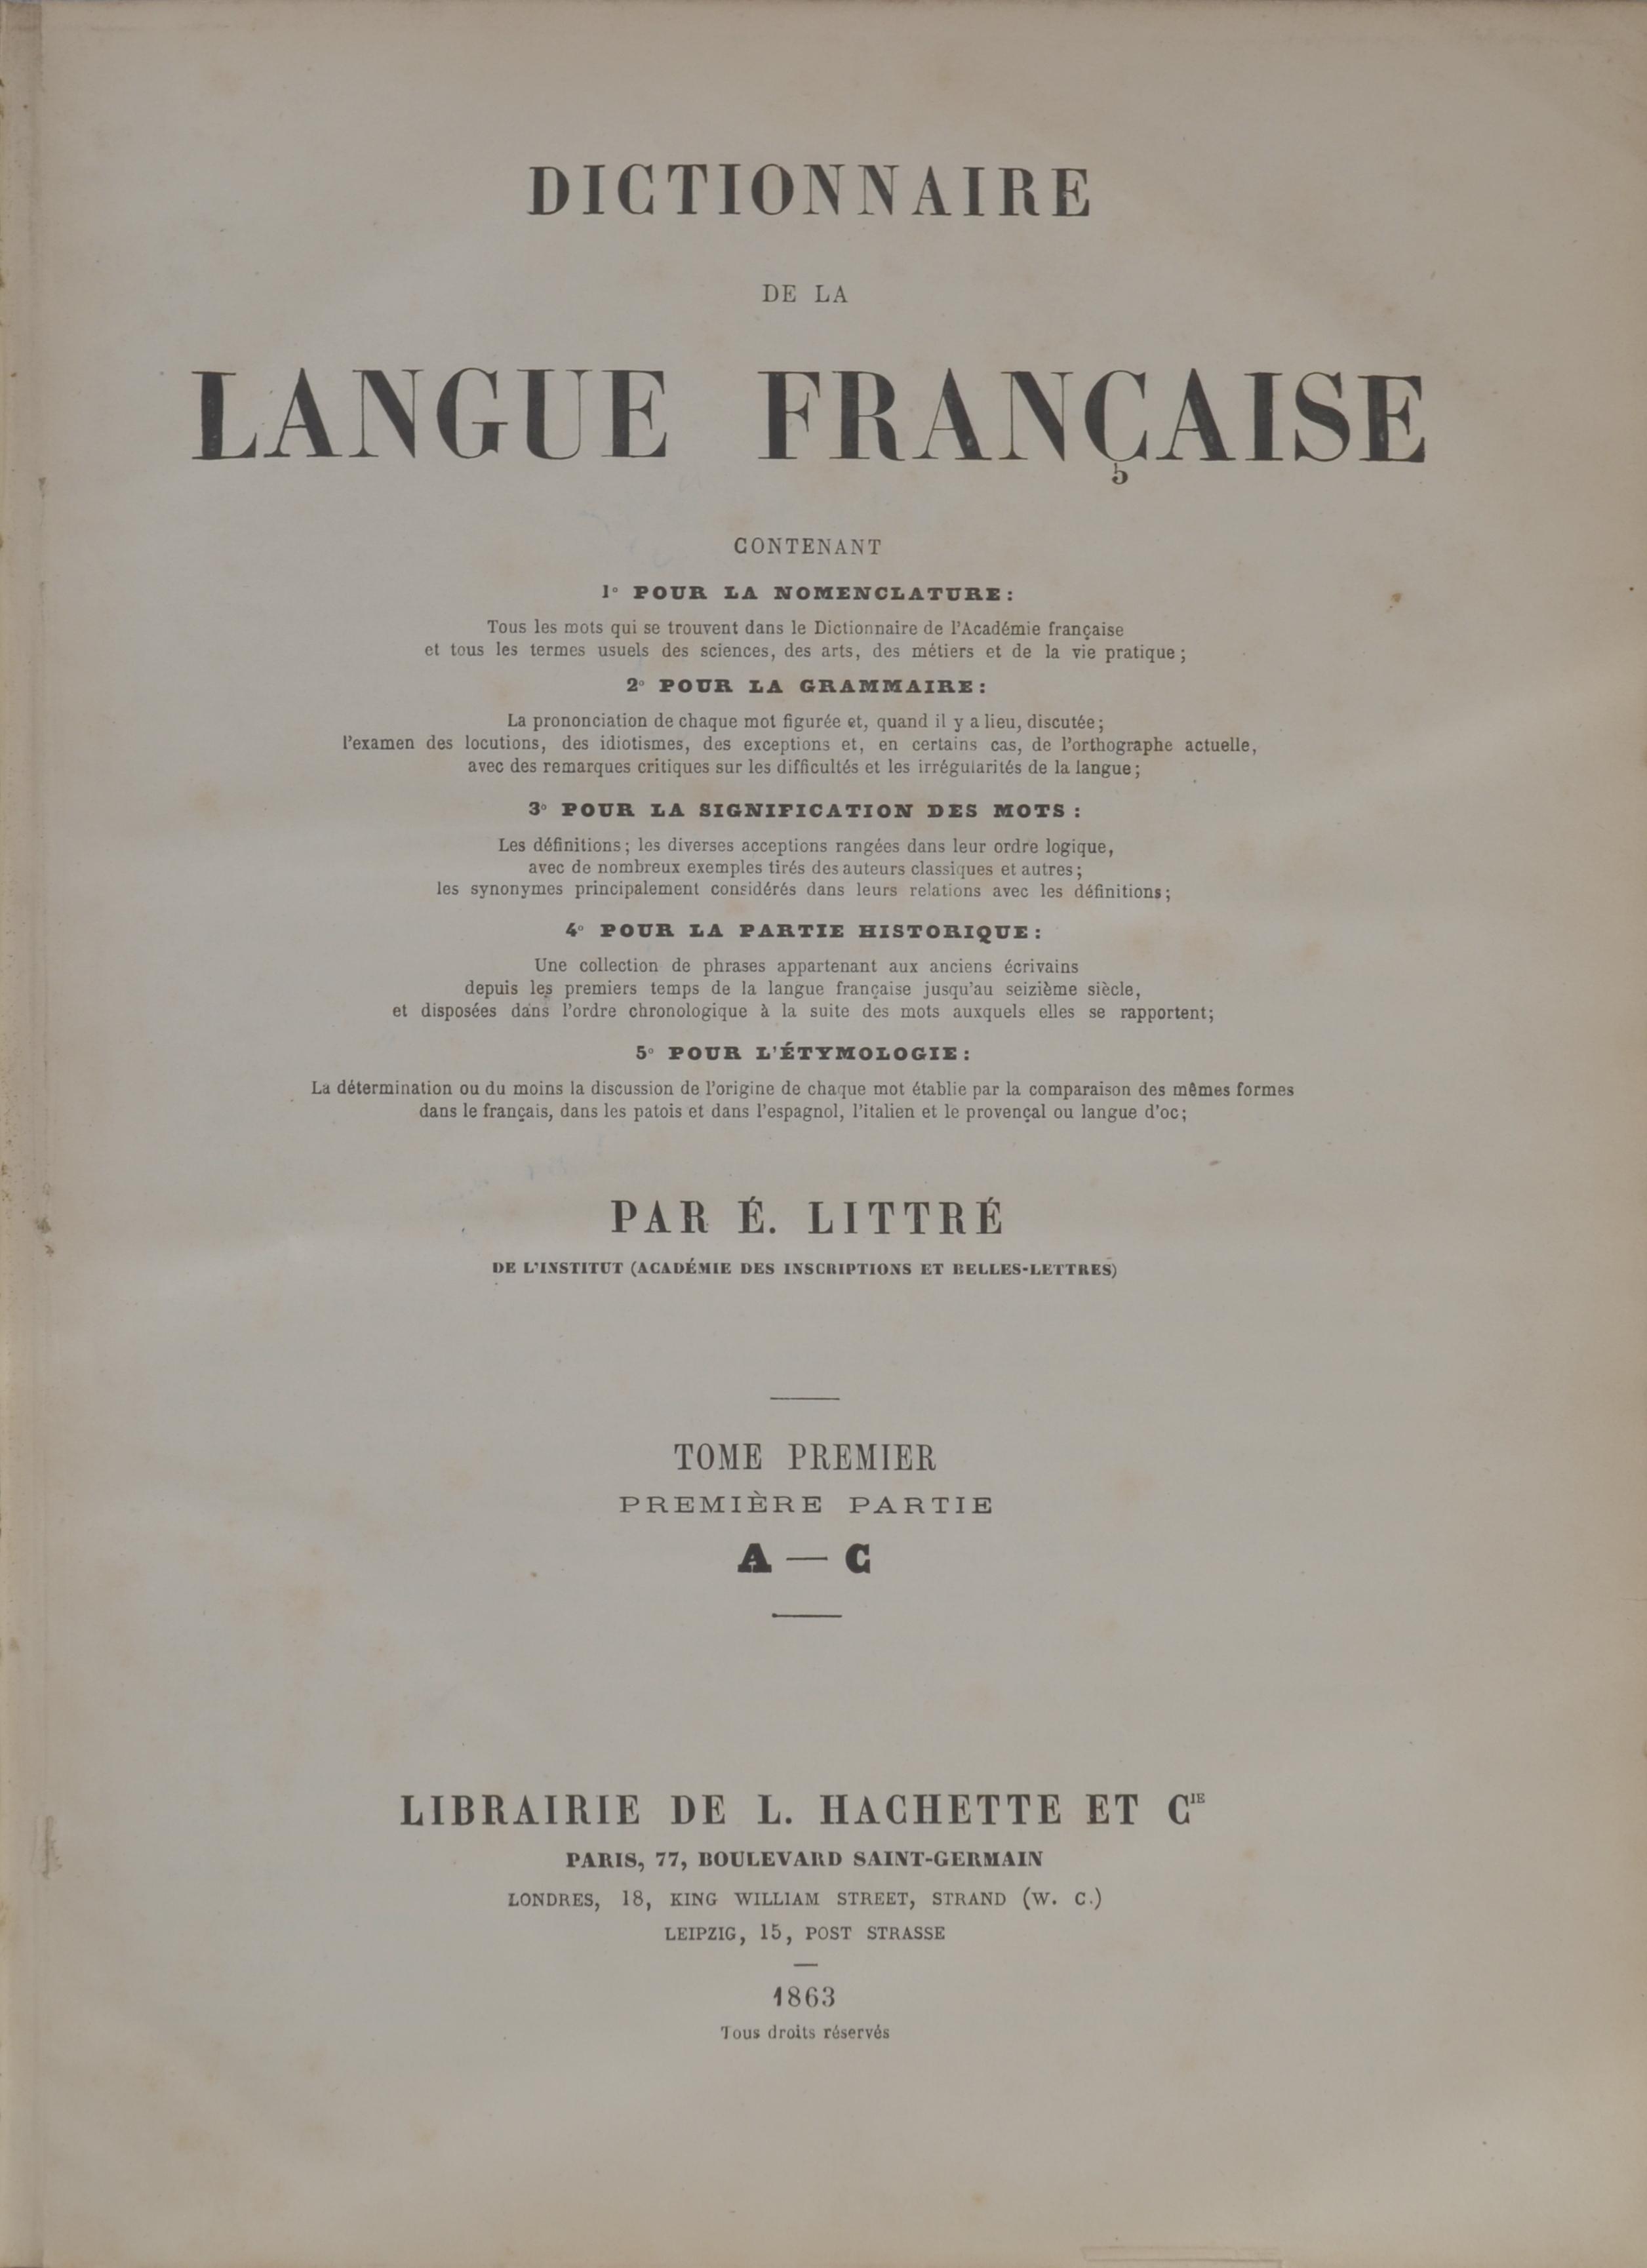 Dictionnaire De La Langue Francaise Wikipedia